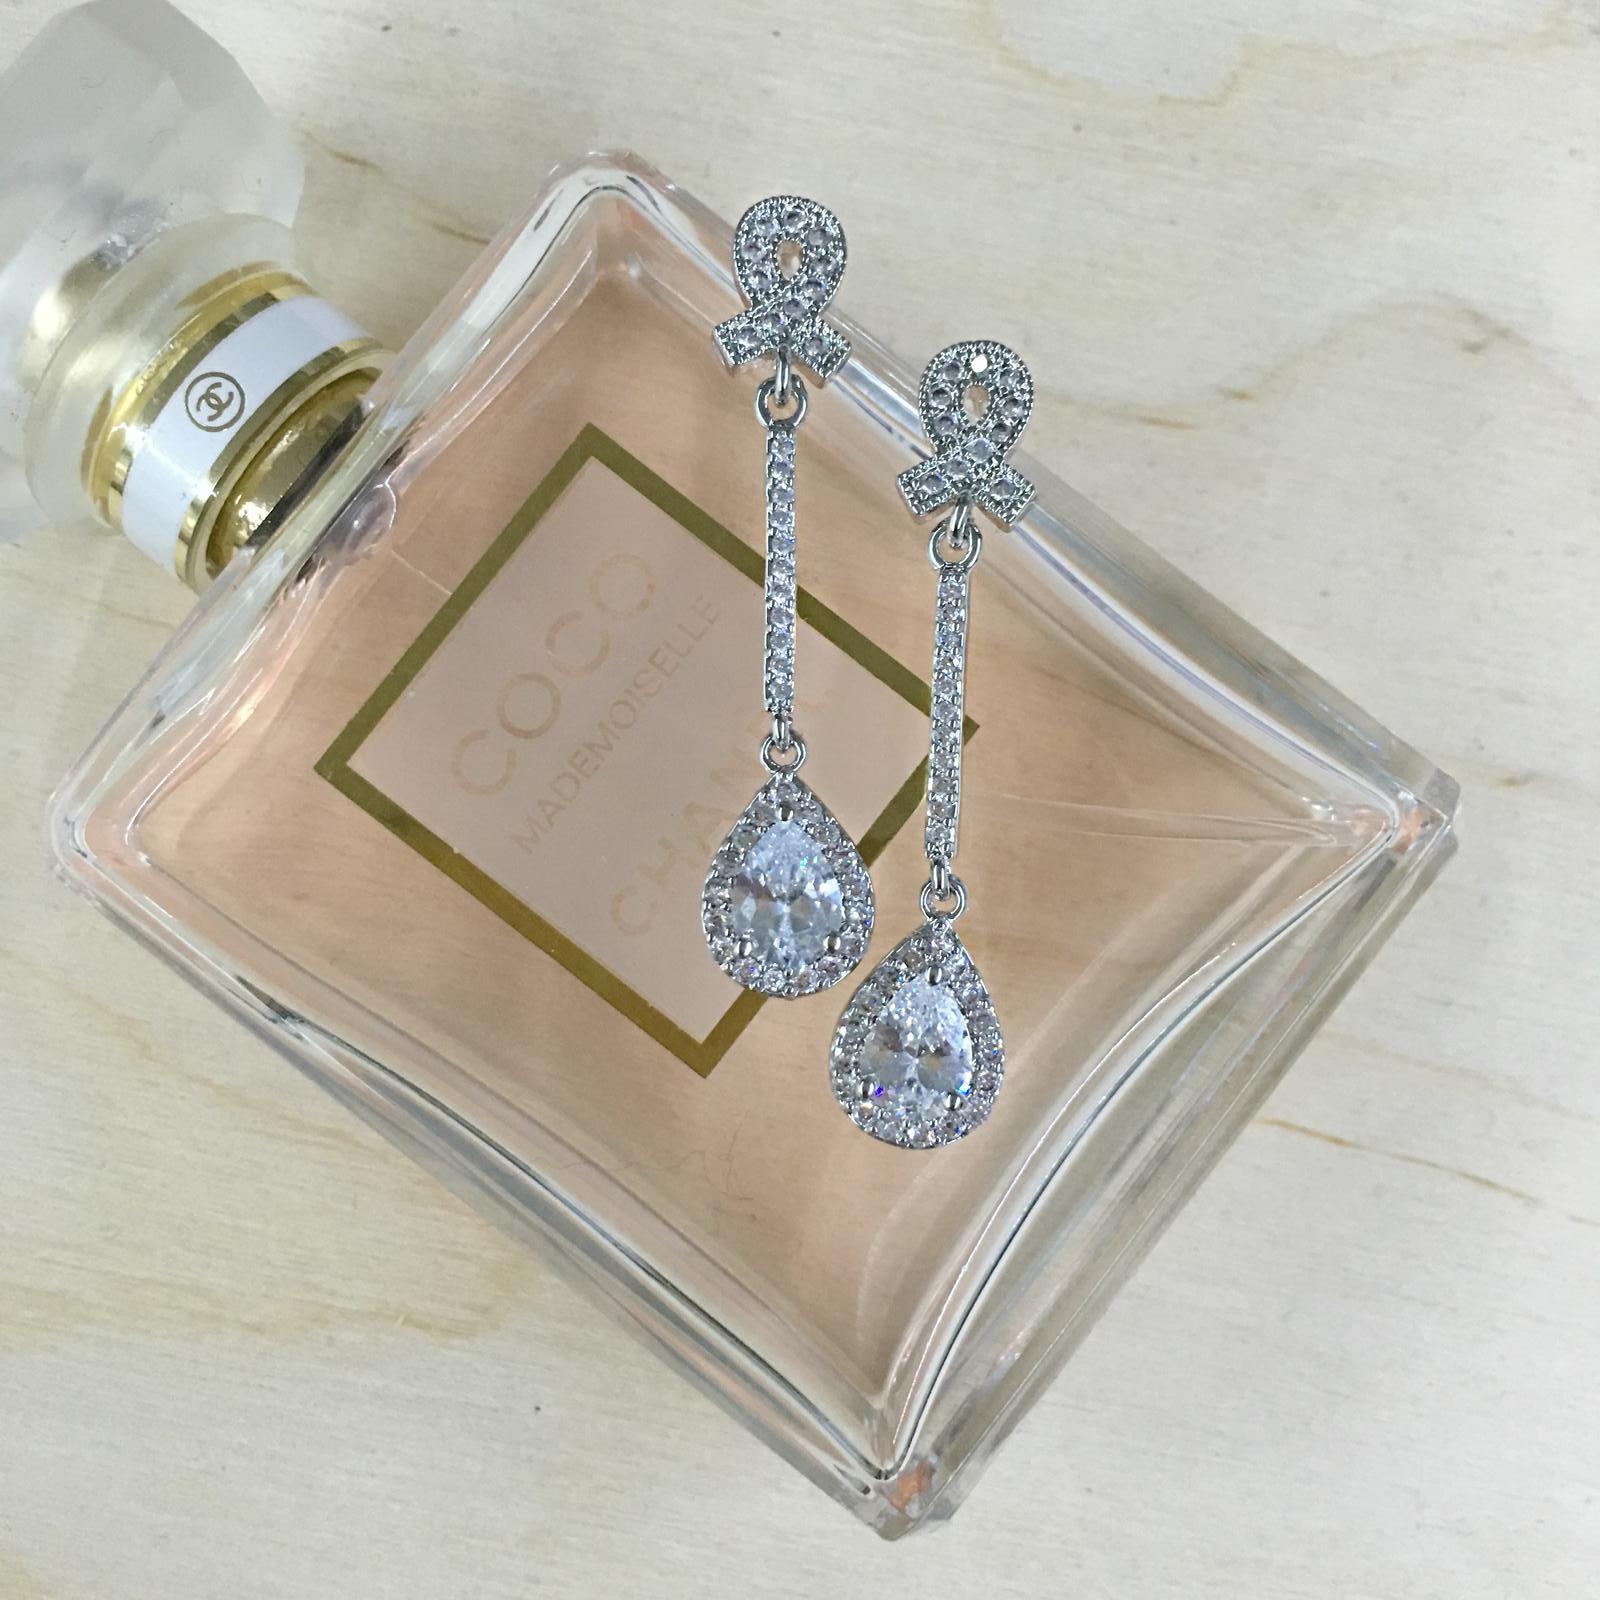 Šperky NA SKLADE - real foto - Obrázok č. 10